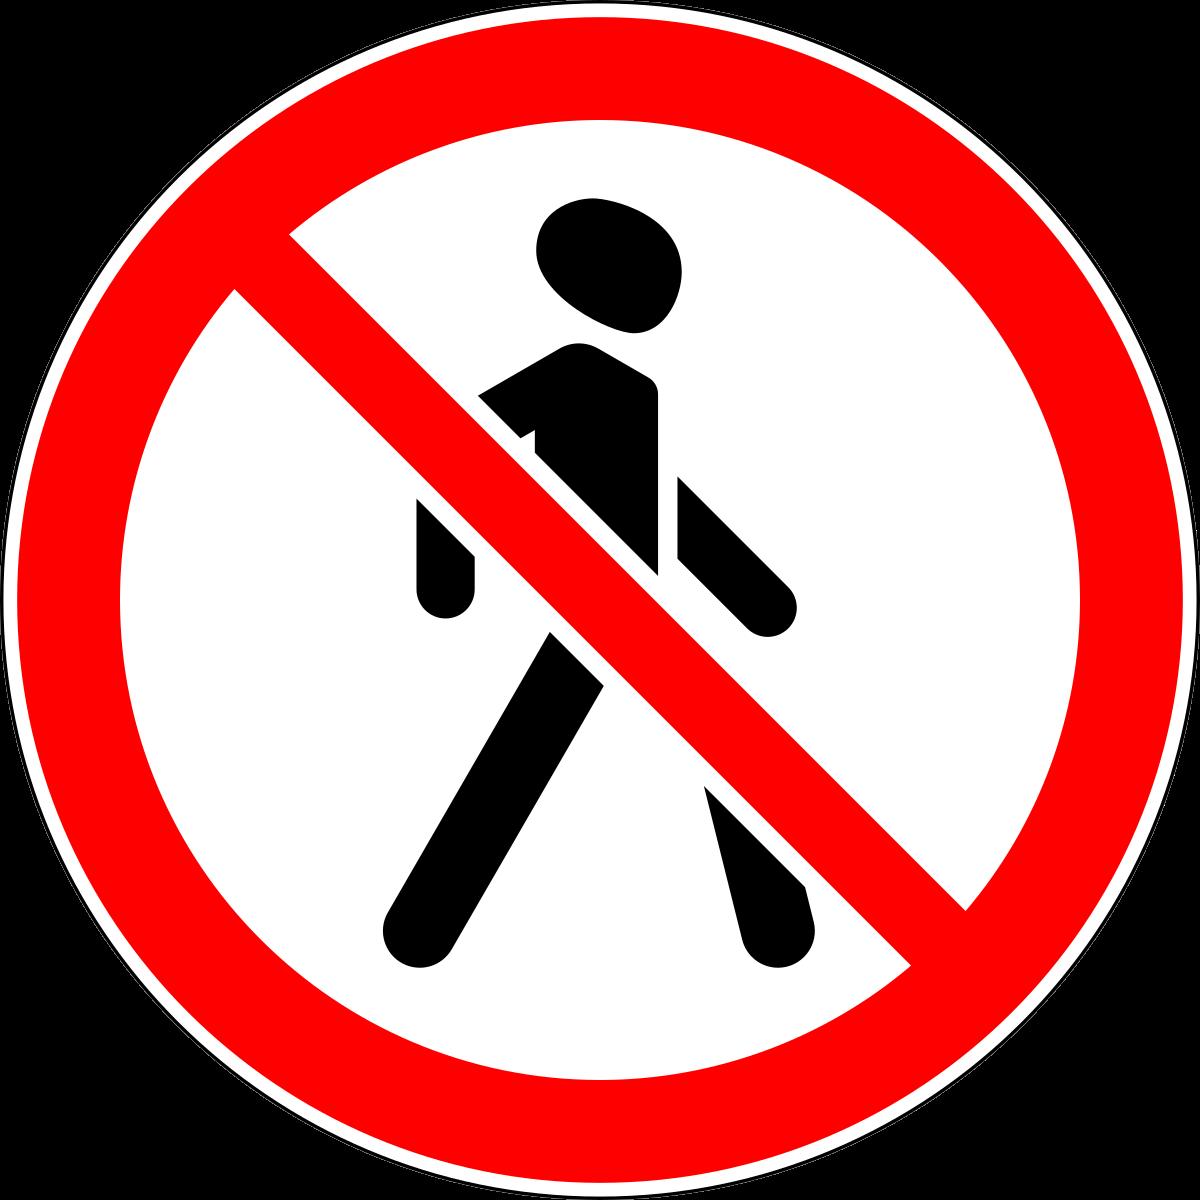 Знак 3.10 Жаяу жүргіншілердің қозғалысына тыйым салынады/ Движение пешеходов запрещено